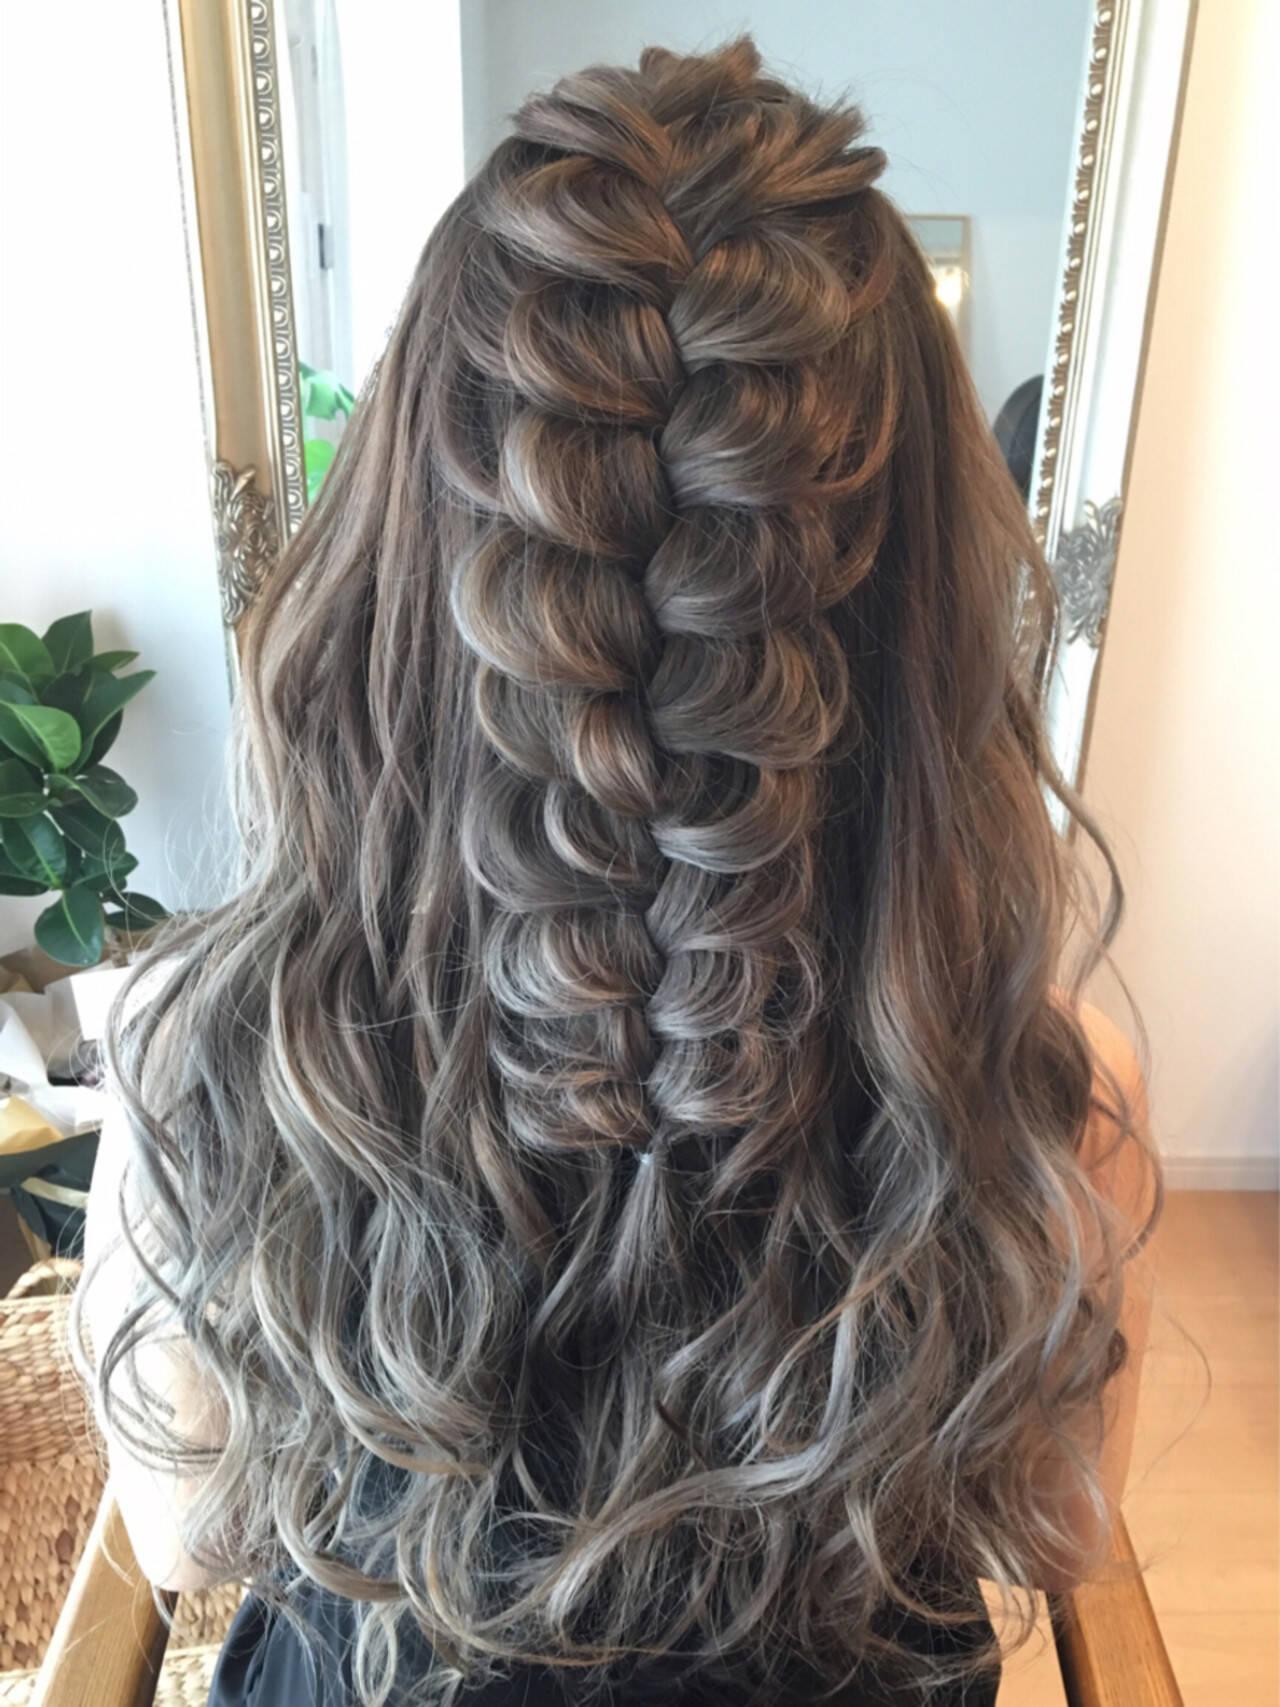 ブライダル ロング 編み込み ヘアアレンジヘアスタイルや髪型の写真・画像